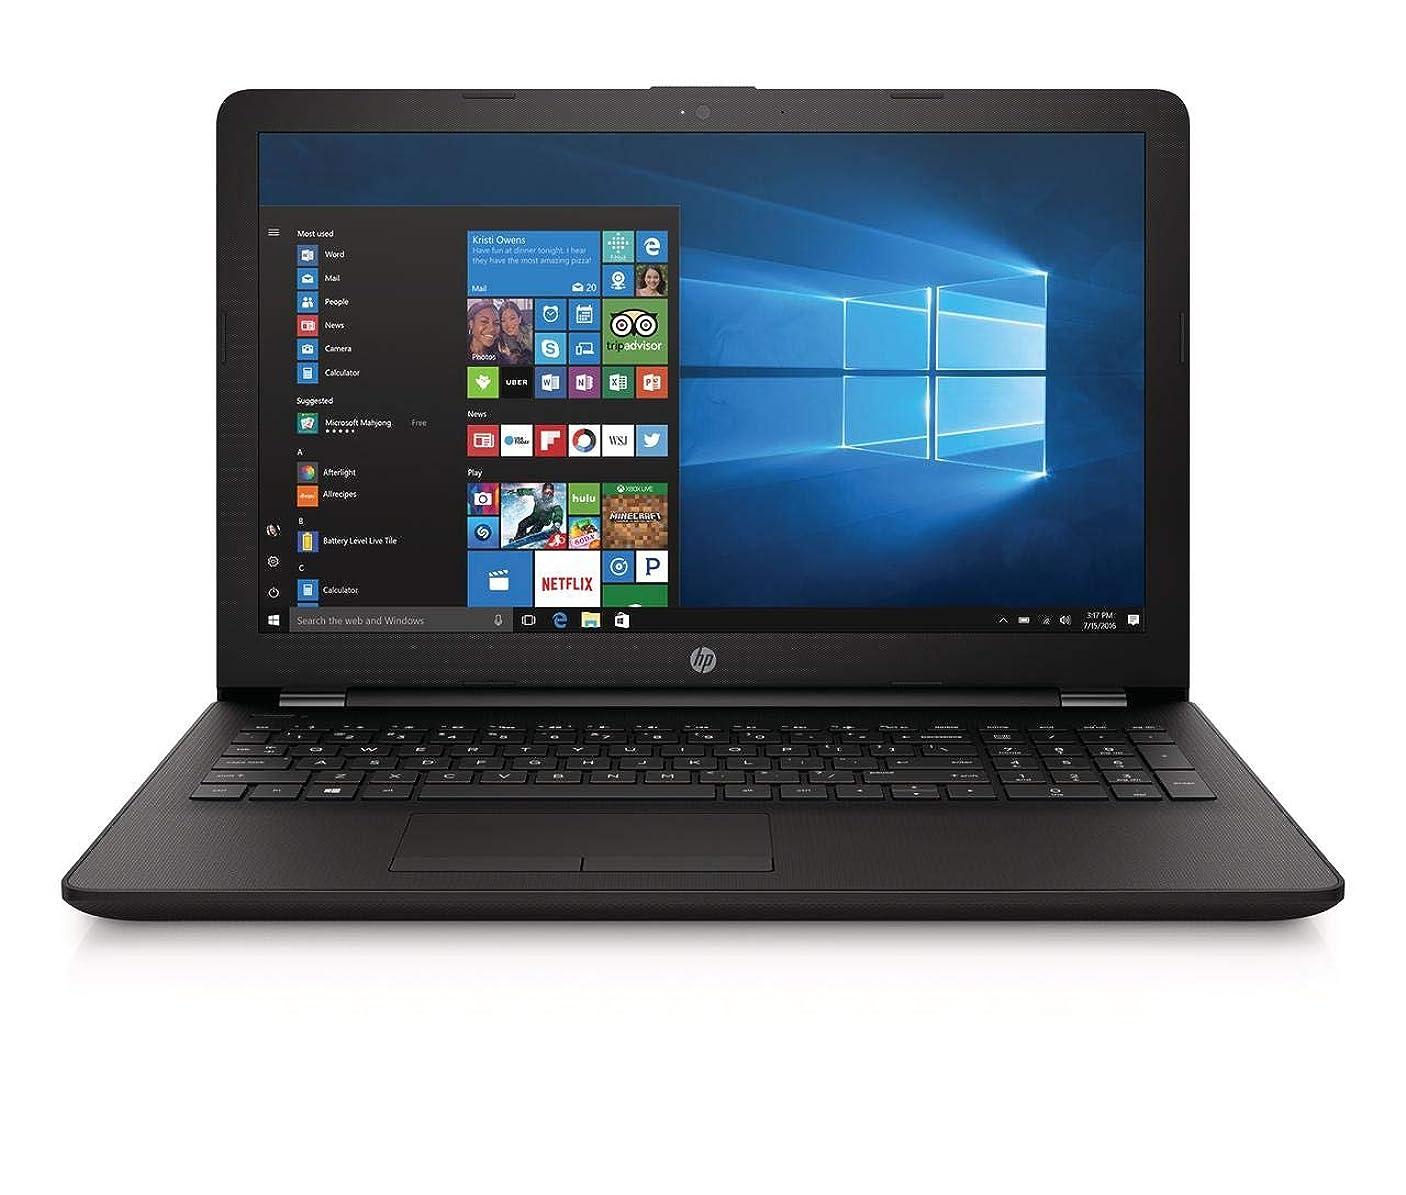 推論機械メンターHP 15-bs212wm 15.6インチノートブックPC - Intel Celeron N4000 4GB 500GB DVDRW Windows 10(更新)